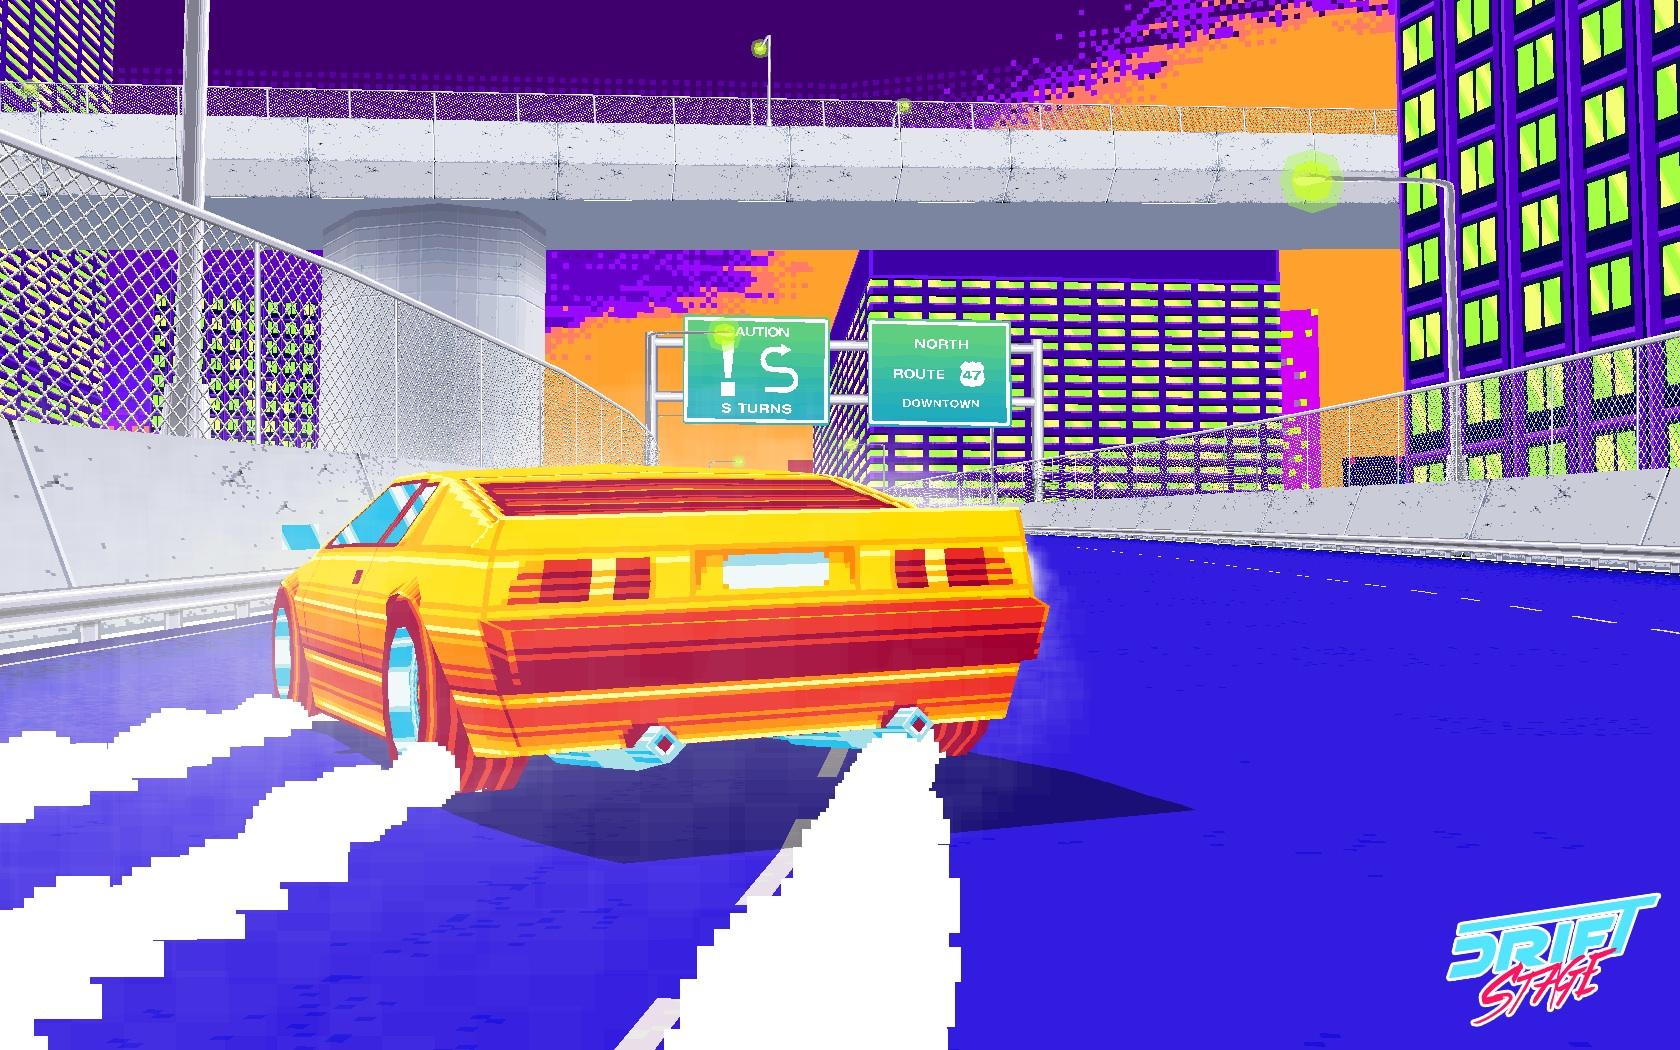 8bitだけど3Dなスーパーカーの疾走感! ゲーム「Drift Stage」が話題